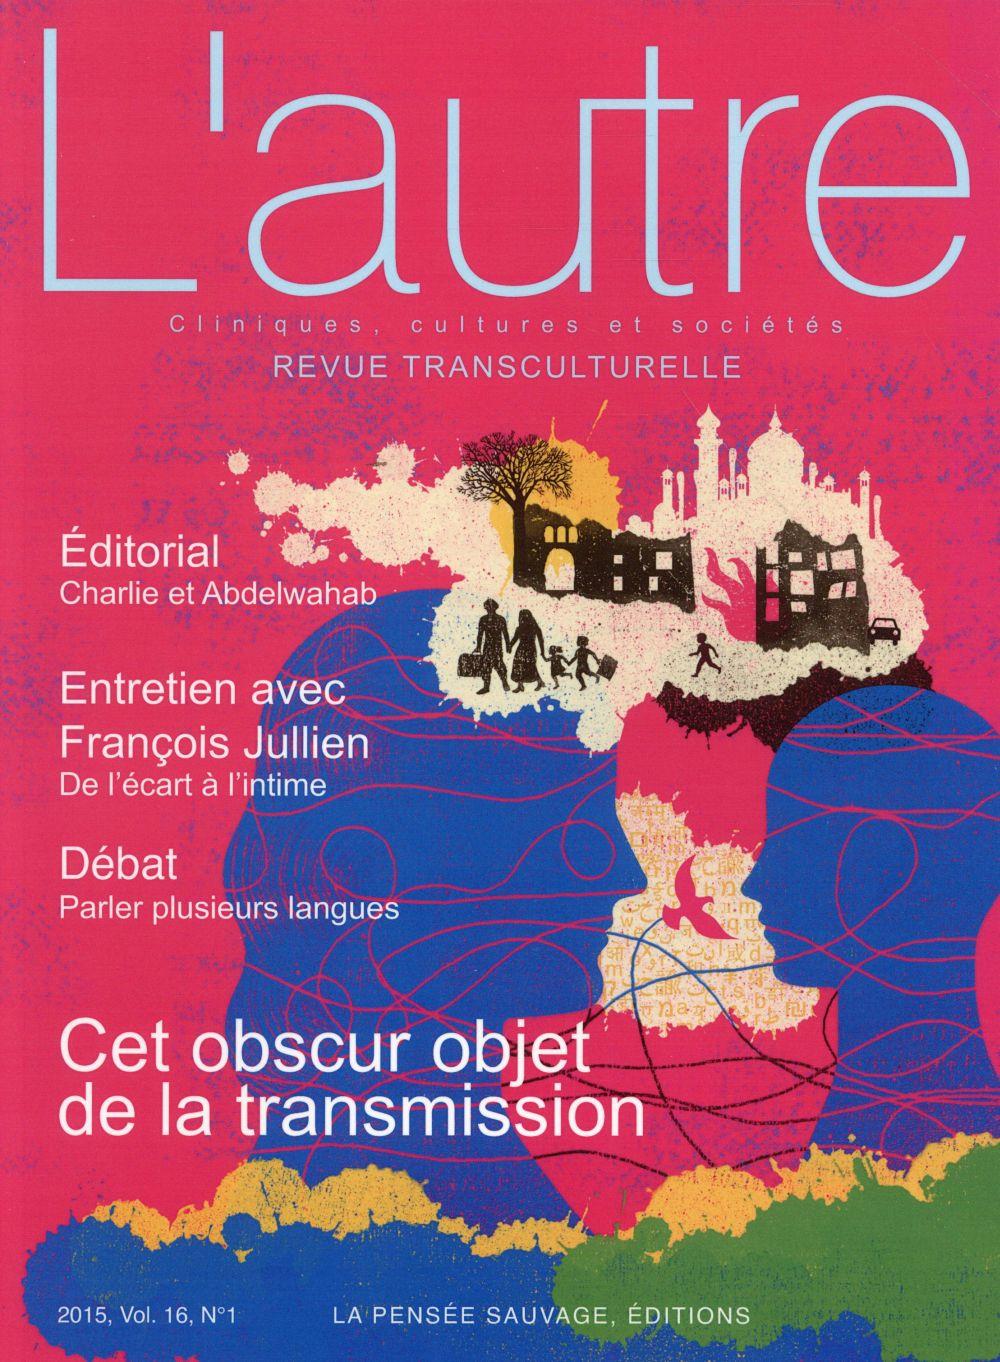 REVUE L'AUTRE 2015 VOL 16 N°1 OBSCUR OBJET DE LA TRANSMISSION